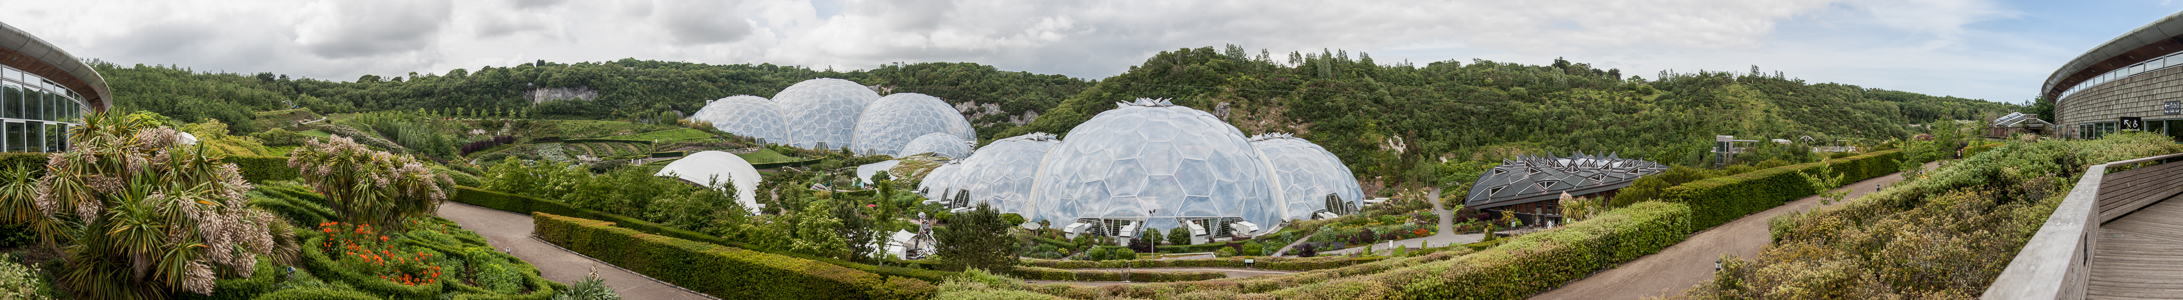 St Blazey Eden Project